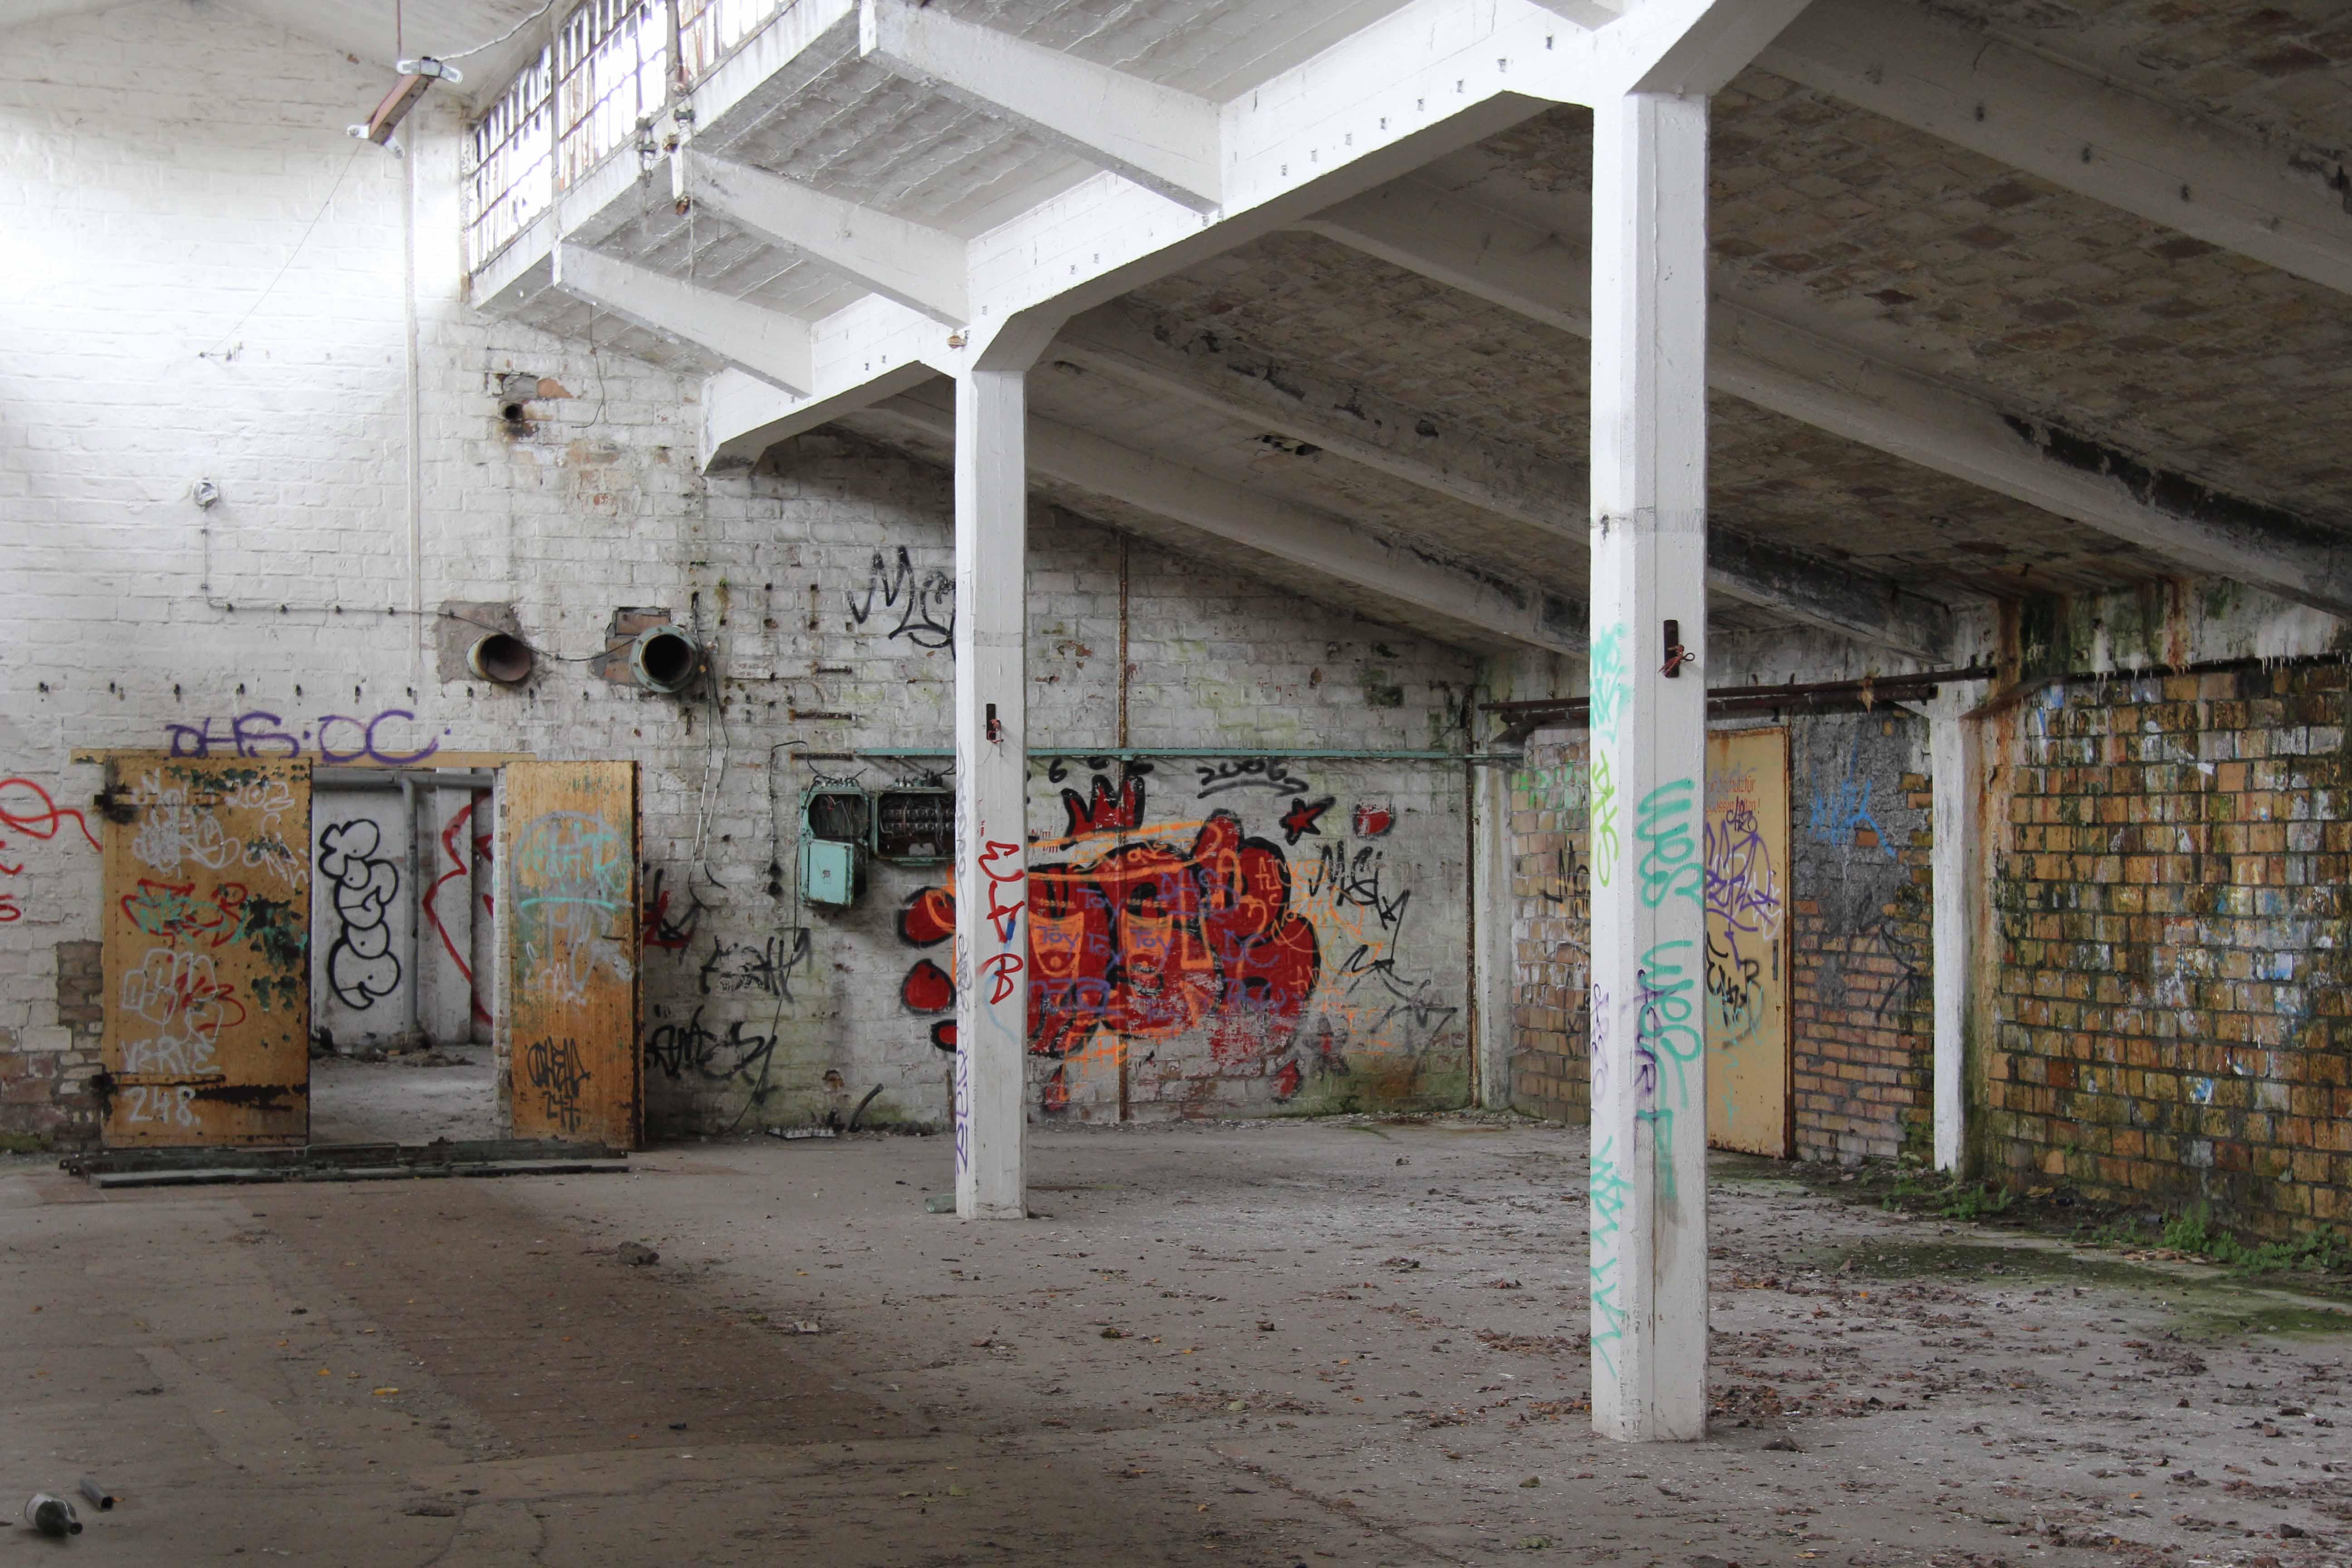 Sloped Ceiling at Papierfabrik Wolfswinkel, an abandoned paper mill near Berlin